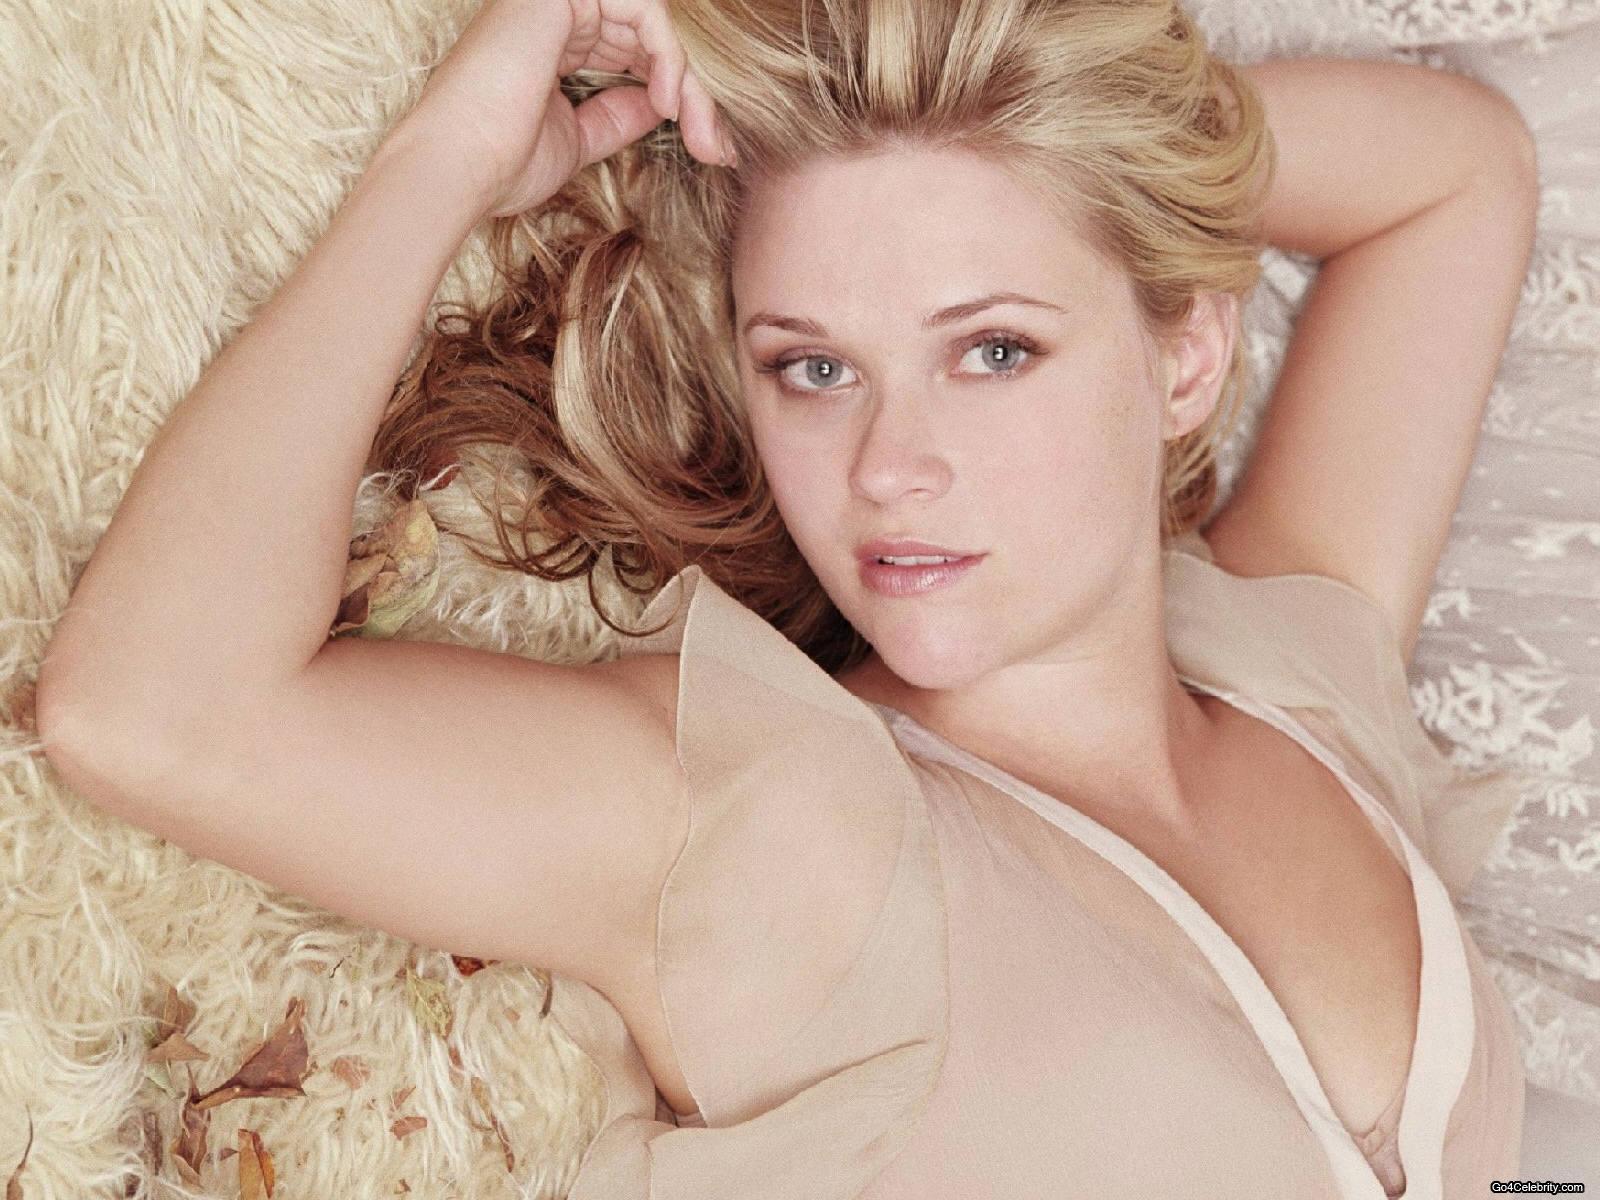 http://3.bp.blogspot.com/-HJ1UcPJGdxU/TYjncXr3hII/AAAAAAAABjk/lw43BgWyk2A/s1600/Reese-Witherspoon-photo.jpg